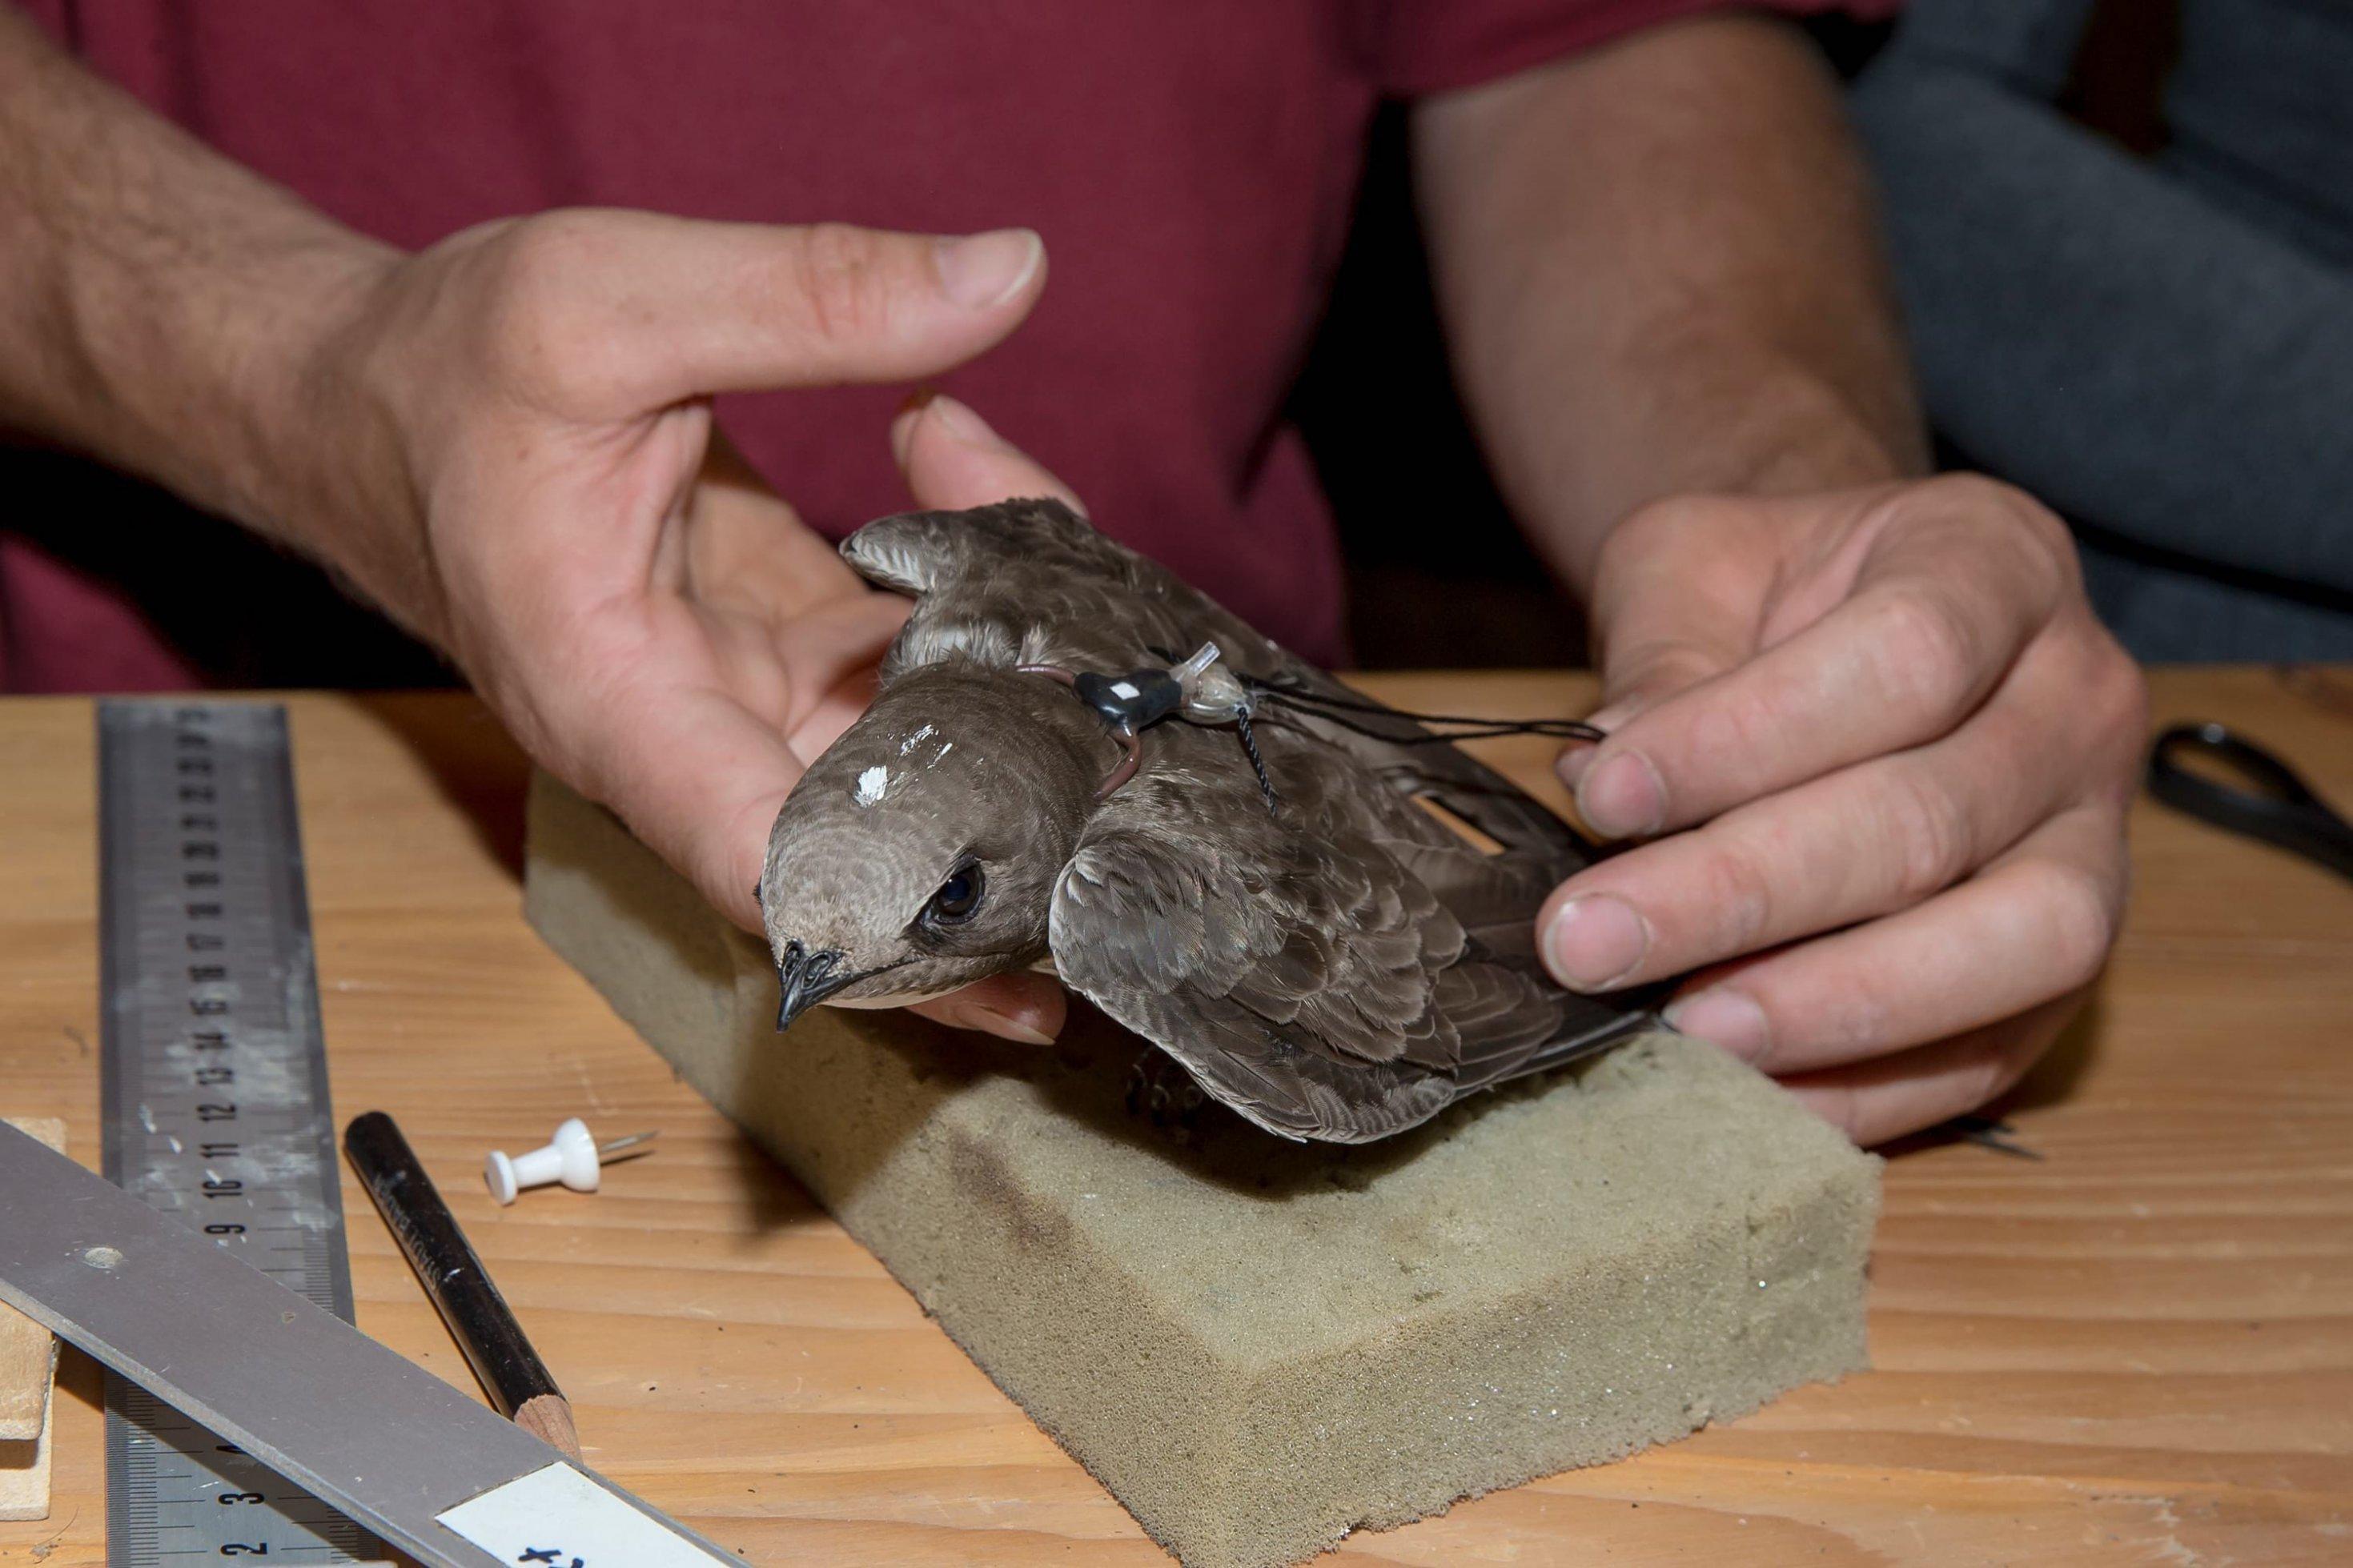 Ein Alpensegler wird mit einem Geolokator ausgerüstet. Dieser wird dem Vogel mit einer Art Rucksack auf den Rücken geschnallt.